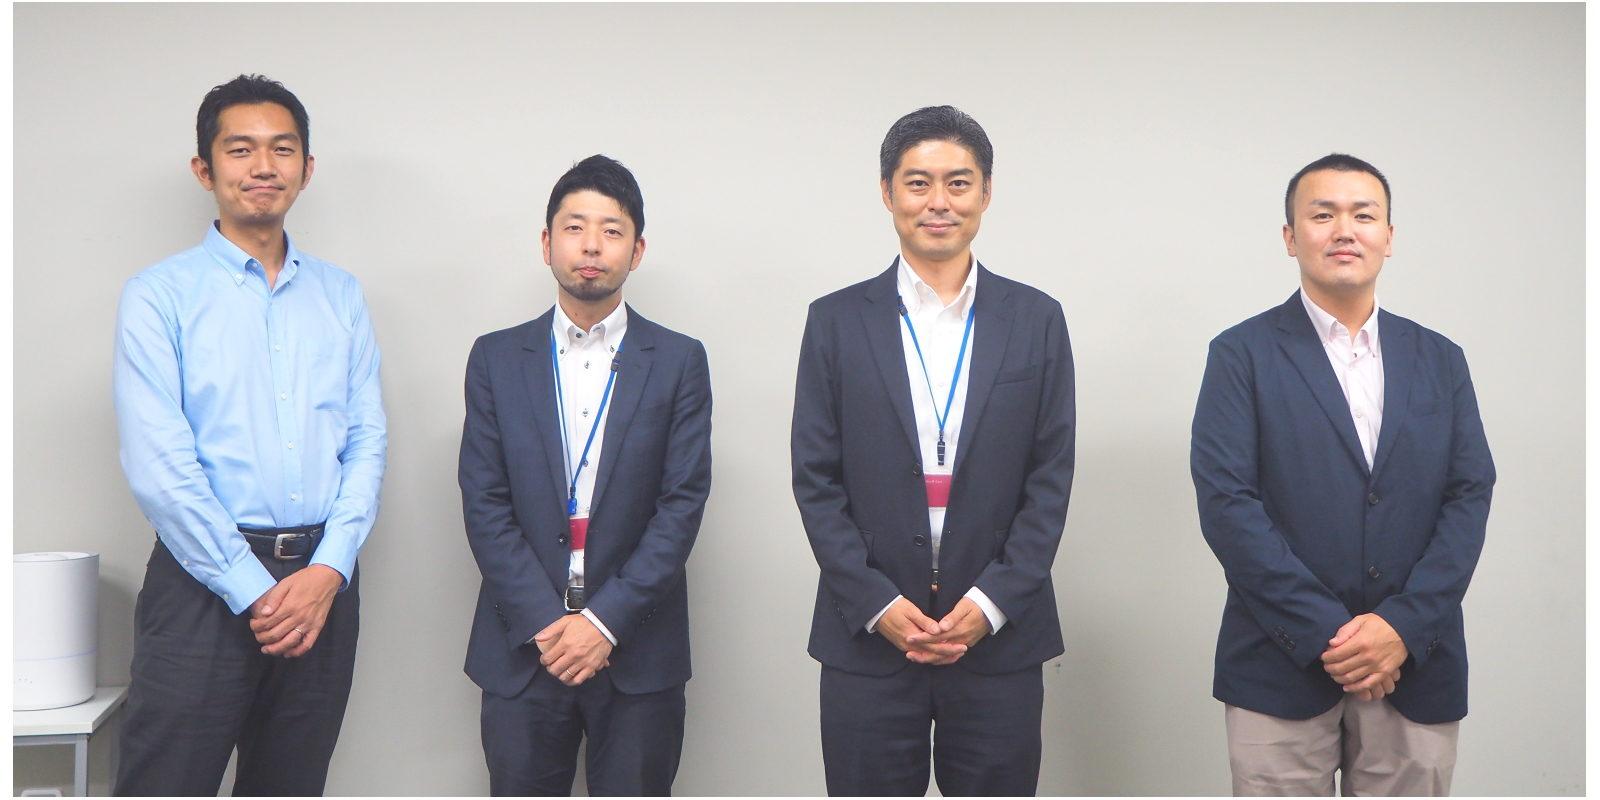 日本ロードサービスインタビューの模様